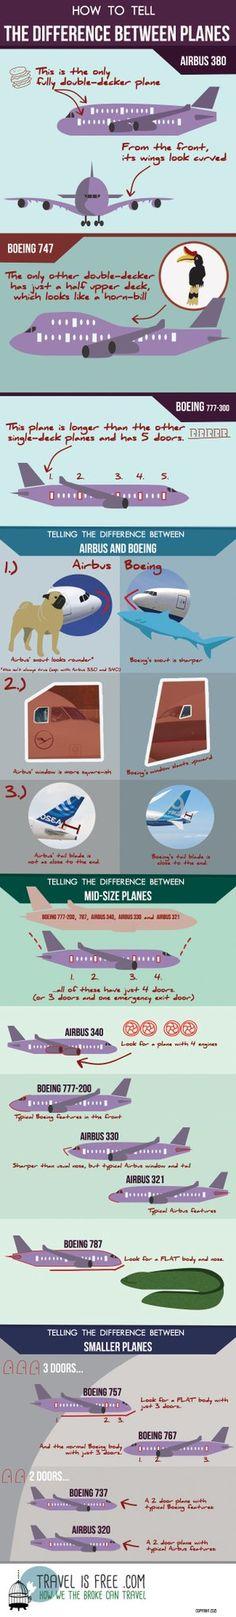 """Avgeeks FR ✈️ sur Twitter : """"Apprenez à distinguer les avions en une infographie ! https://t.co/ON1yEFTXzN https://t.co/xwyj5kcBCz via @transportshaker #avgeek"""""""